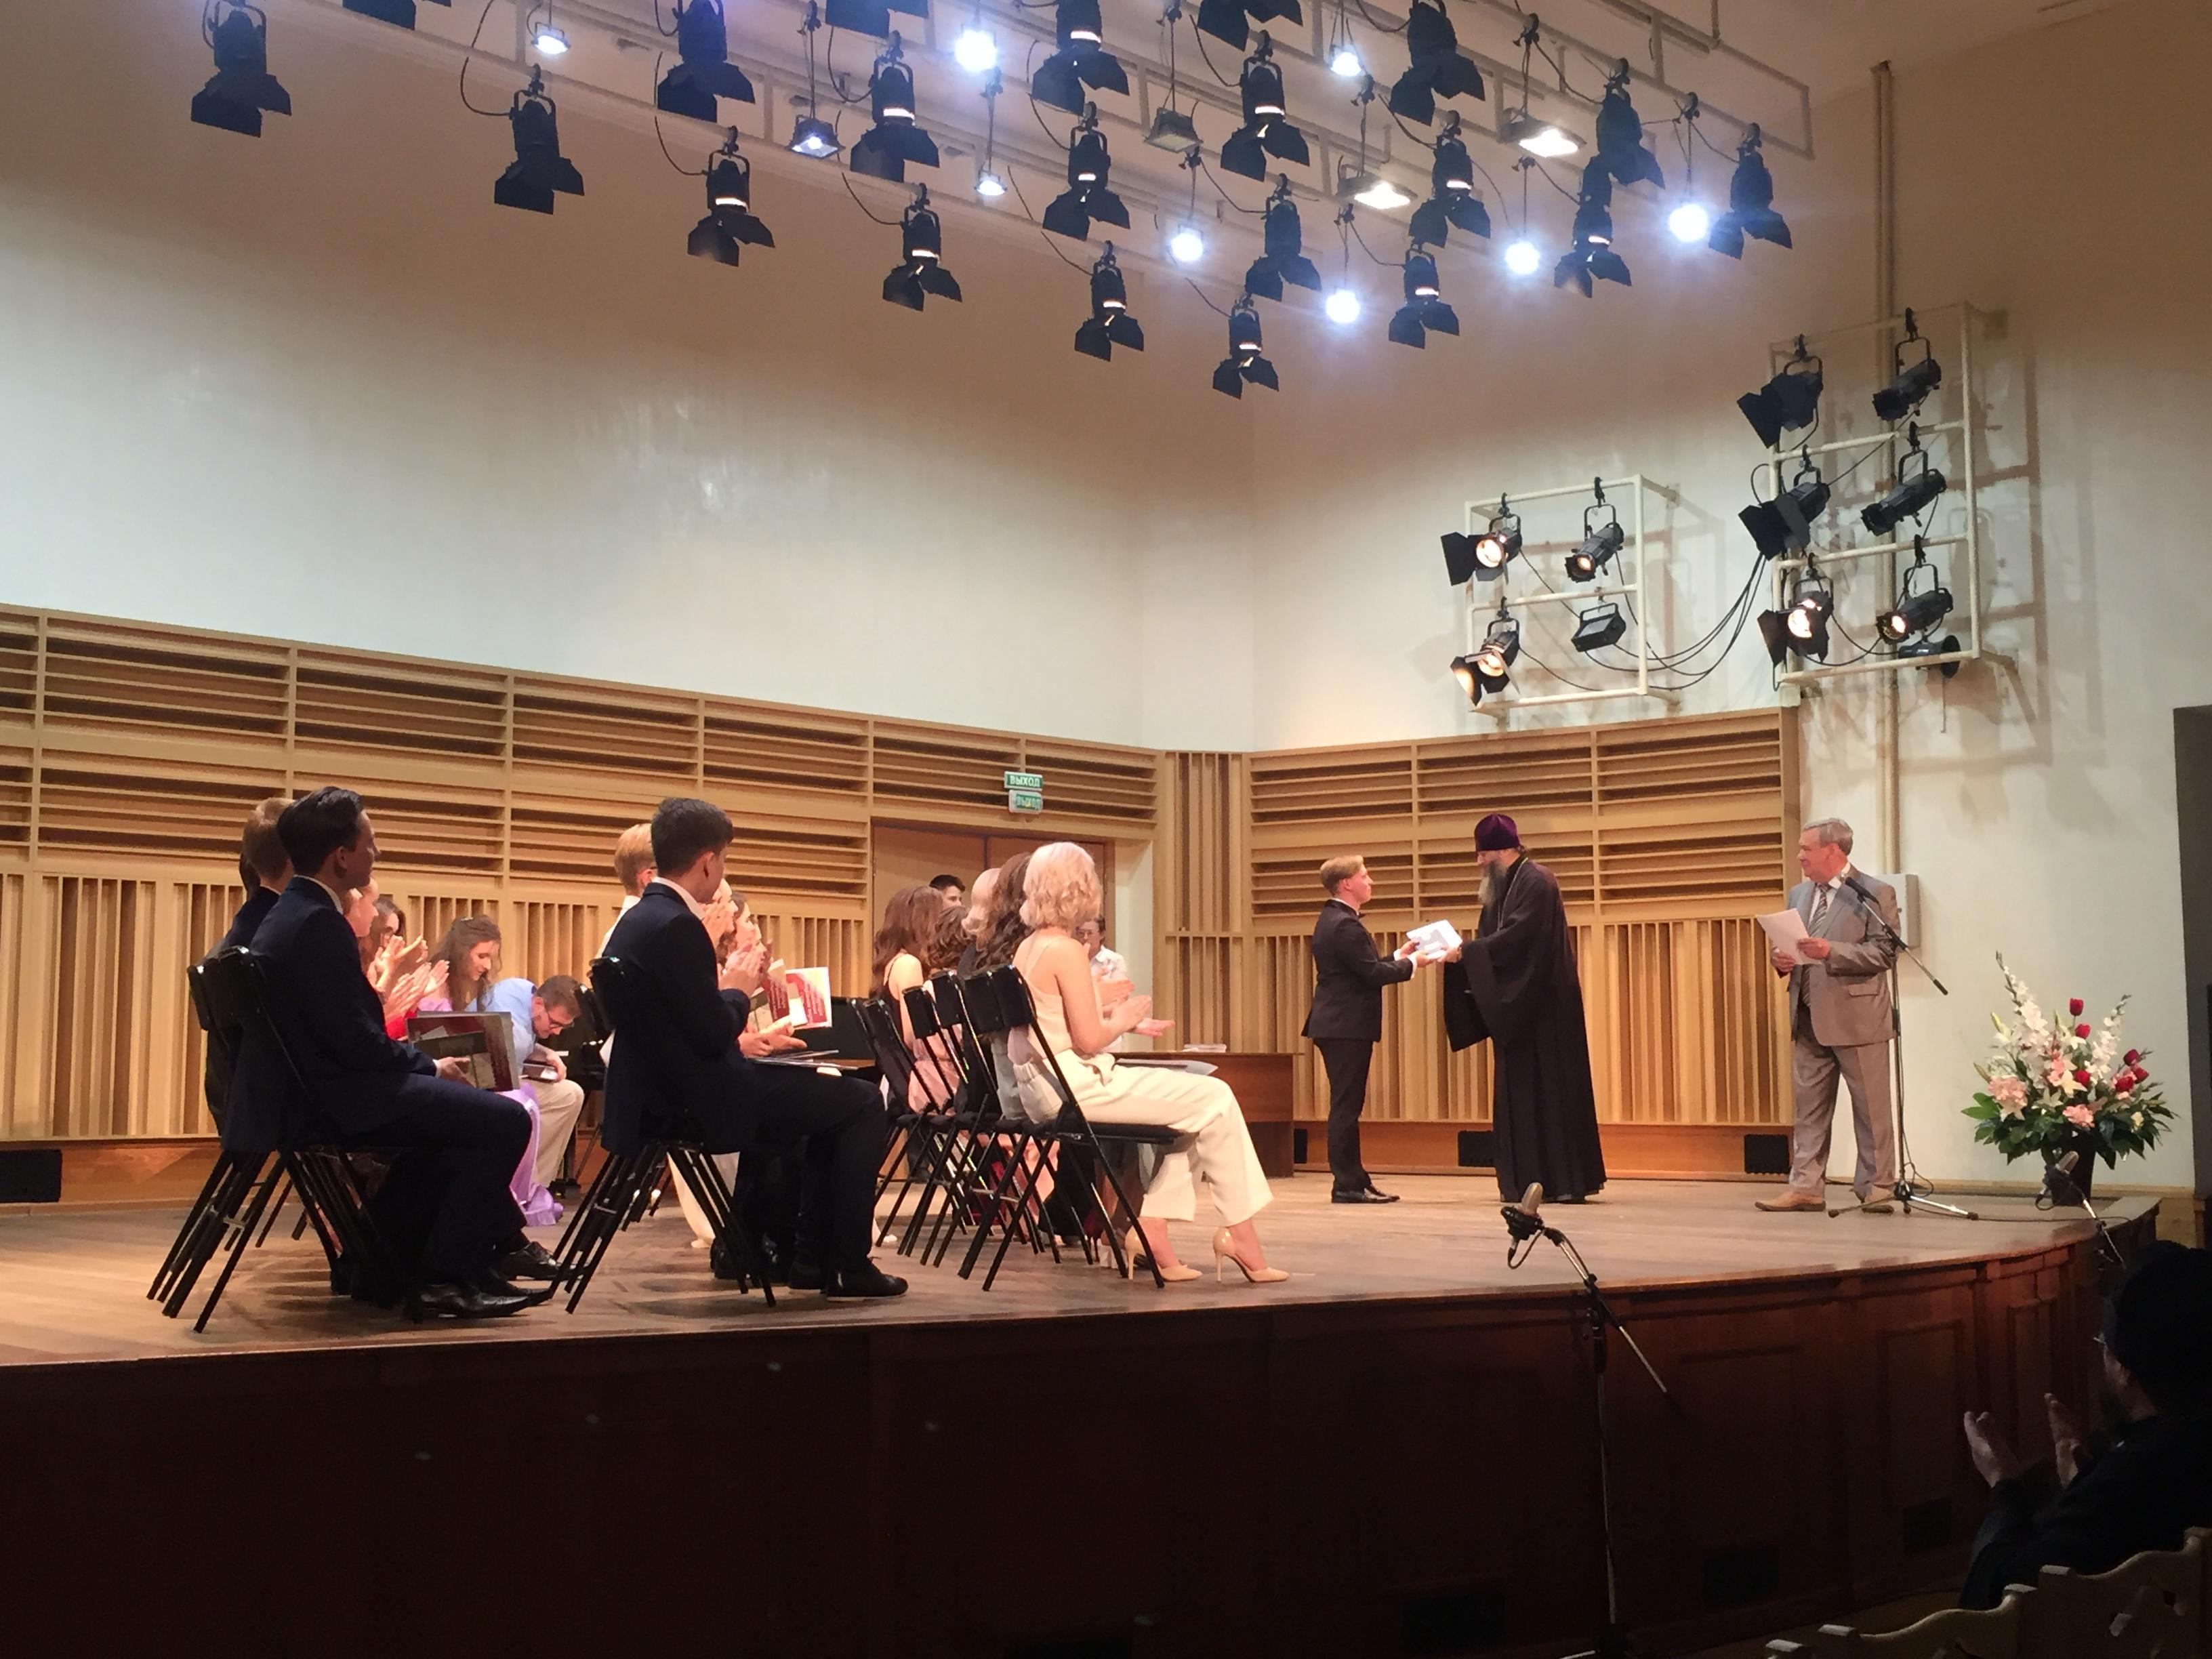 Митрополит Никодим вручил дипломы выпускникам Новосибирской специальной музыкальной школы